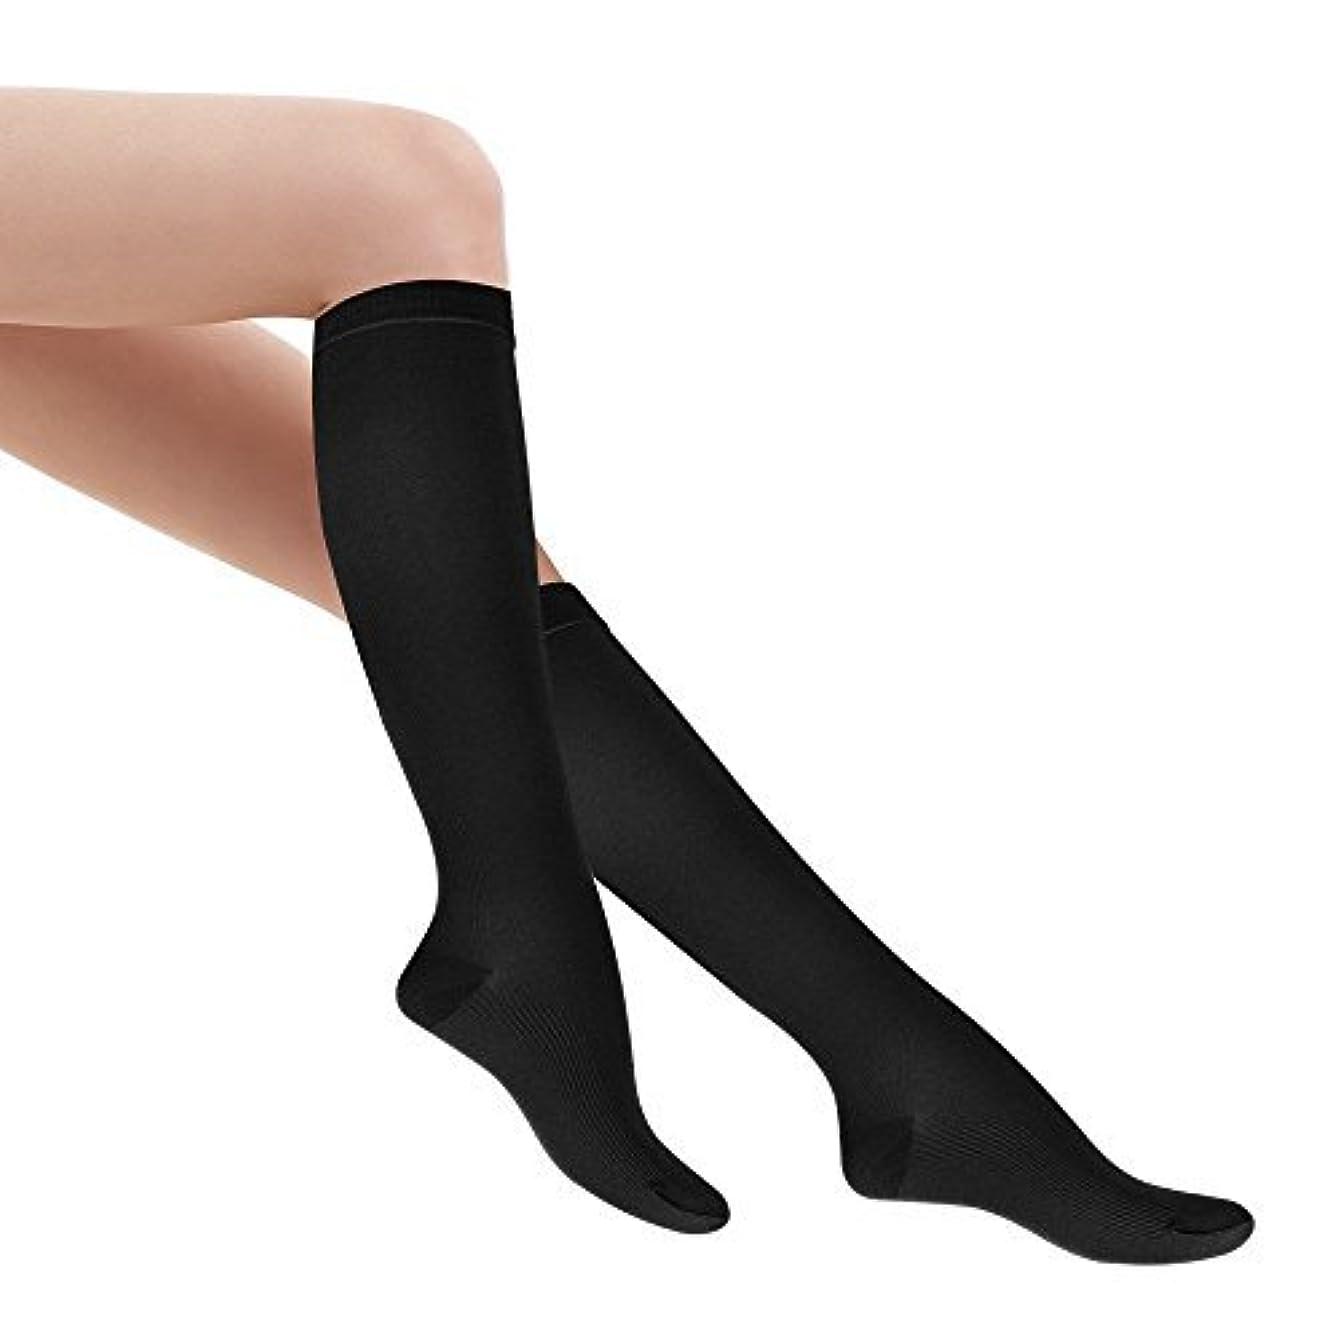 マーチャンダイザーゆでるしてはいけませんFytto 着圧ソックス レディース 着圧 ハイソックス 段階着圧設計20~27hPa ビジネス ソックス 靴下 足のむくみ 解消 女性カジュアルタイプ(M, ブラック)